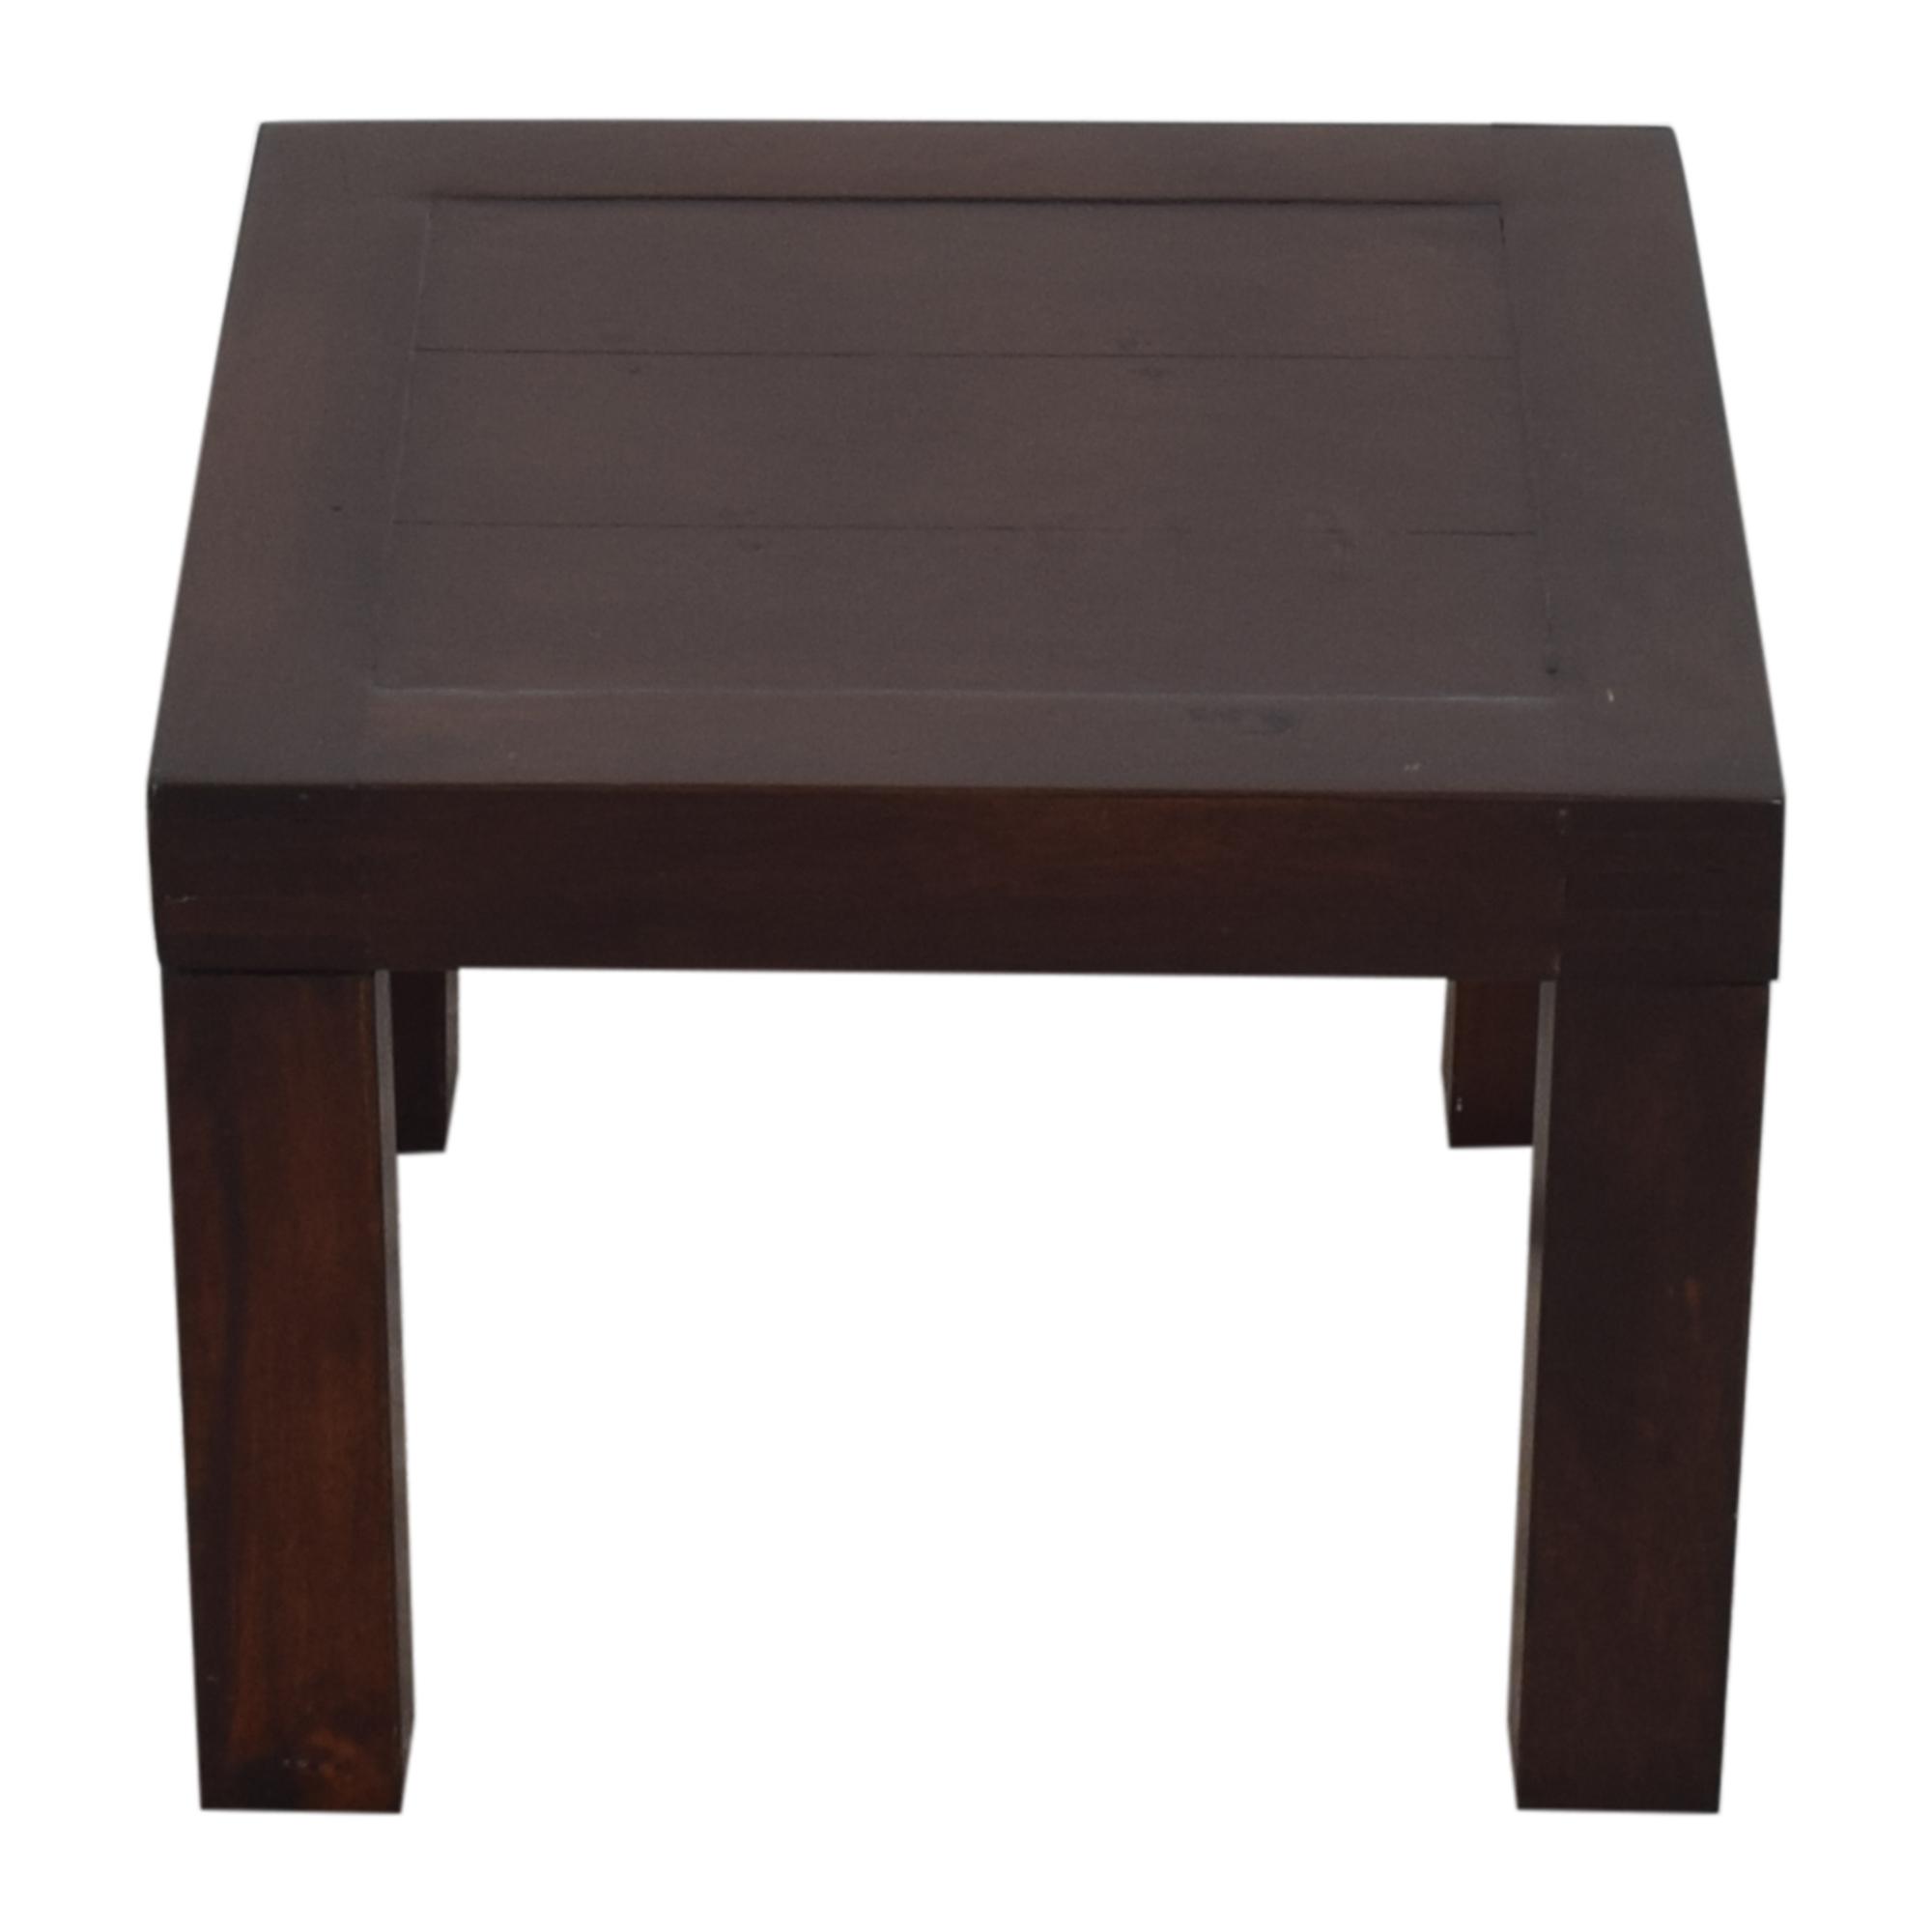 Huisraad Huisraad End Table pa